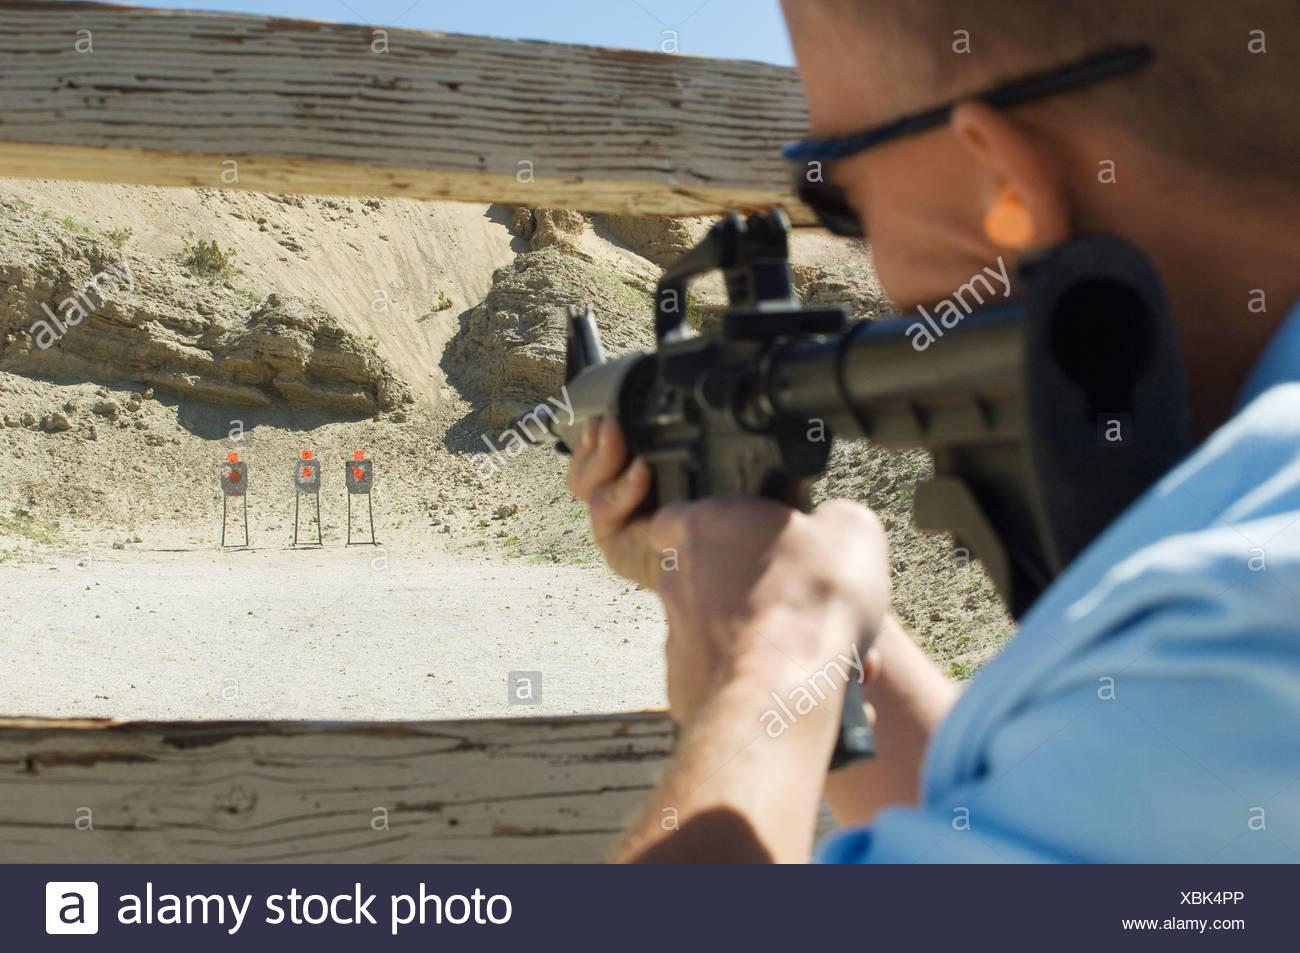 Man aiming machine gun at firing range - Stock Image